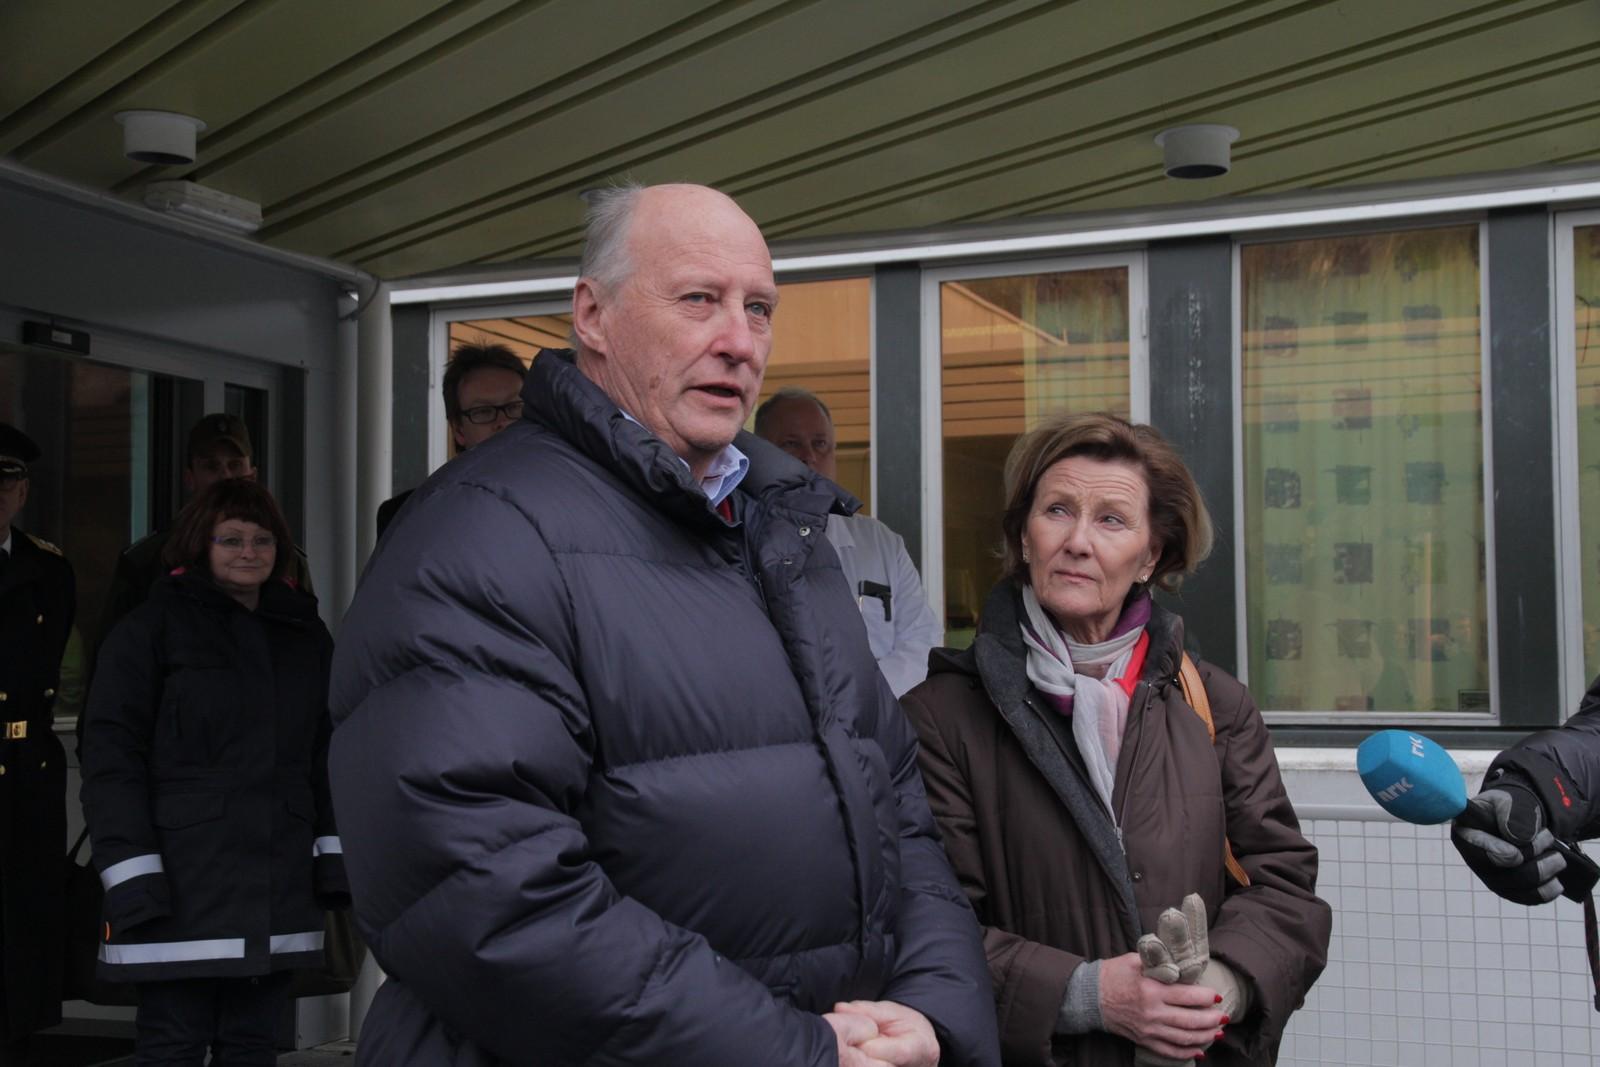 LÆRDAL: 23. januar 2014 kom kong Harald og dronning Sonja til Lærdal sjukehus etter brannen. Dei var lenge inne på sjukehuset og snakka med pasientar og tilsette.